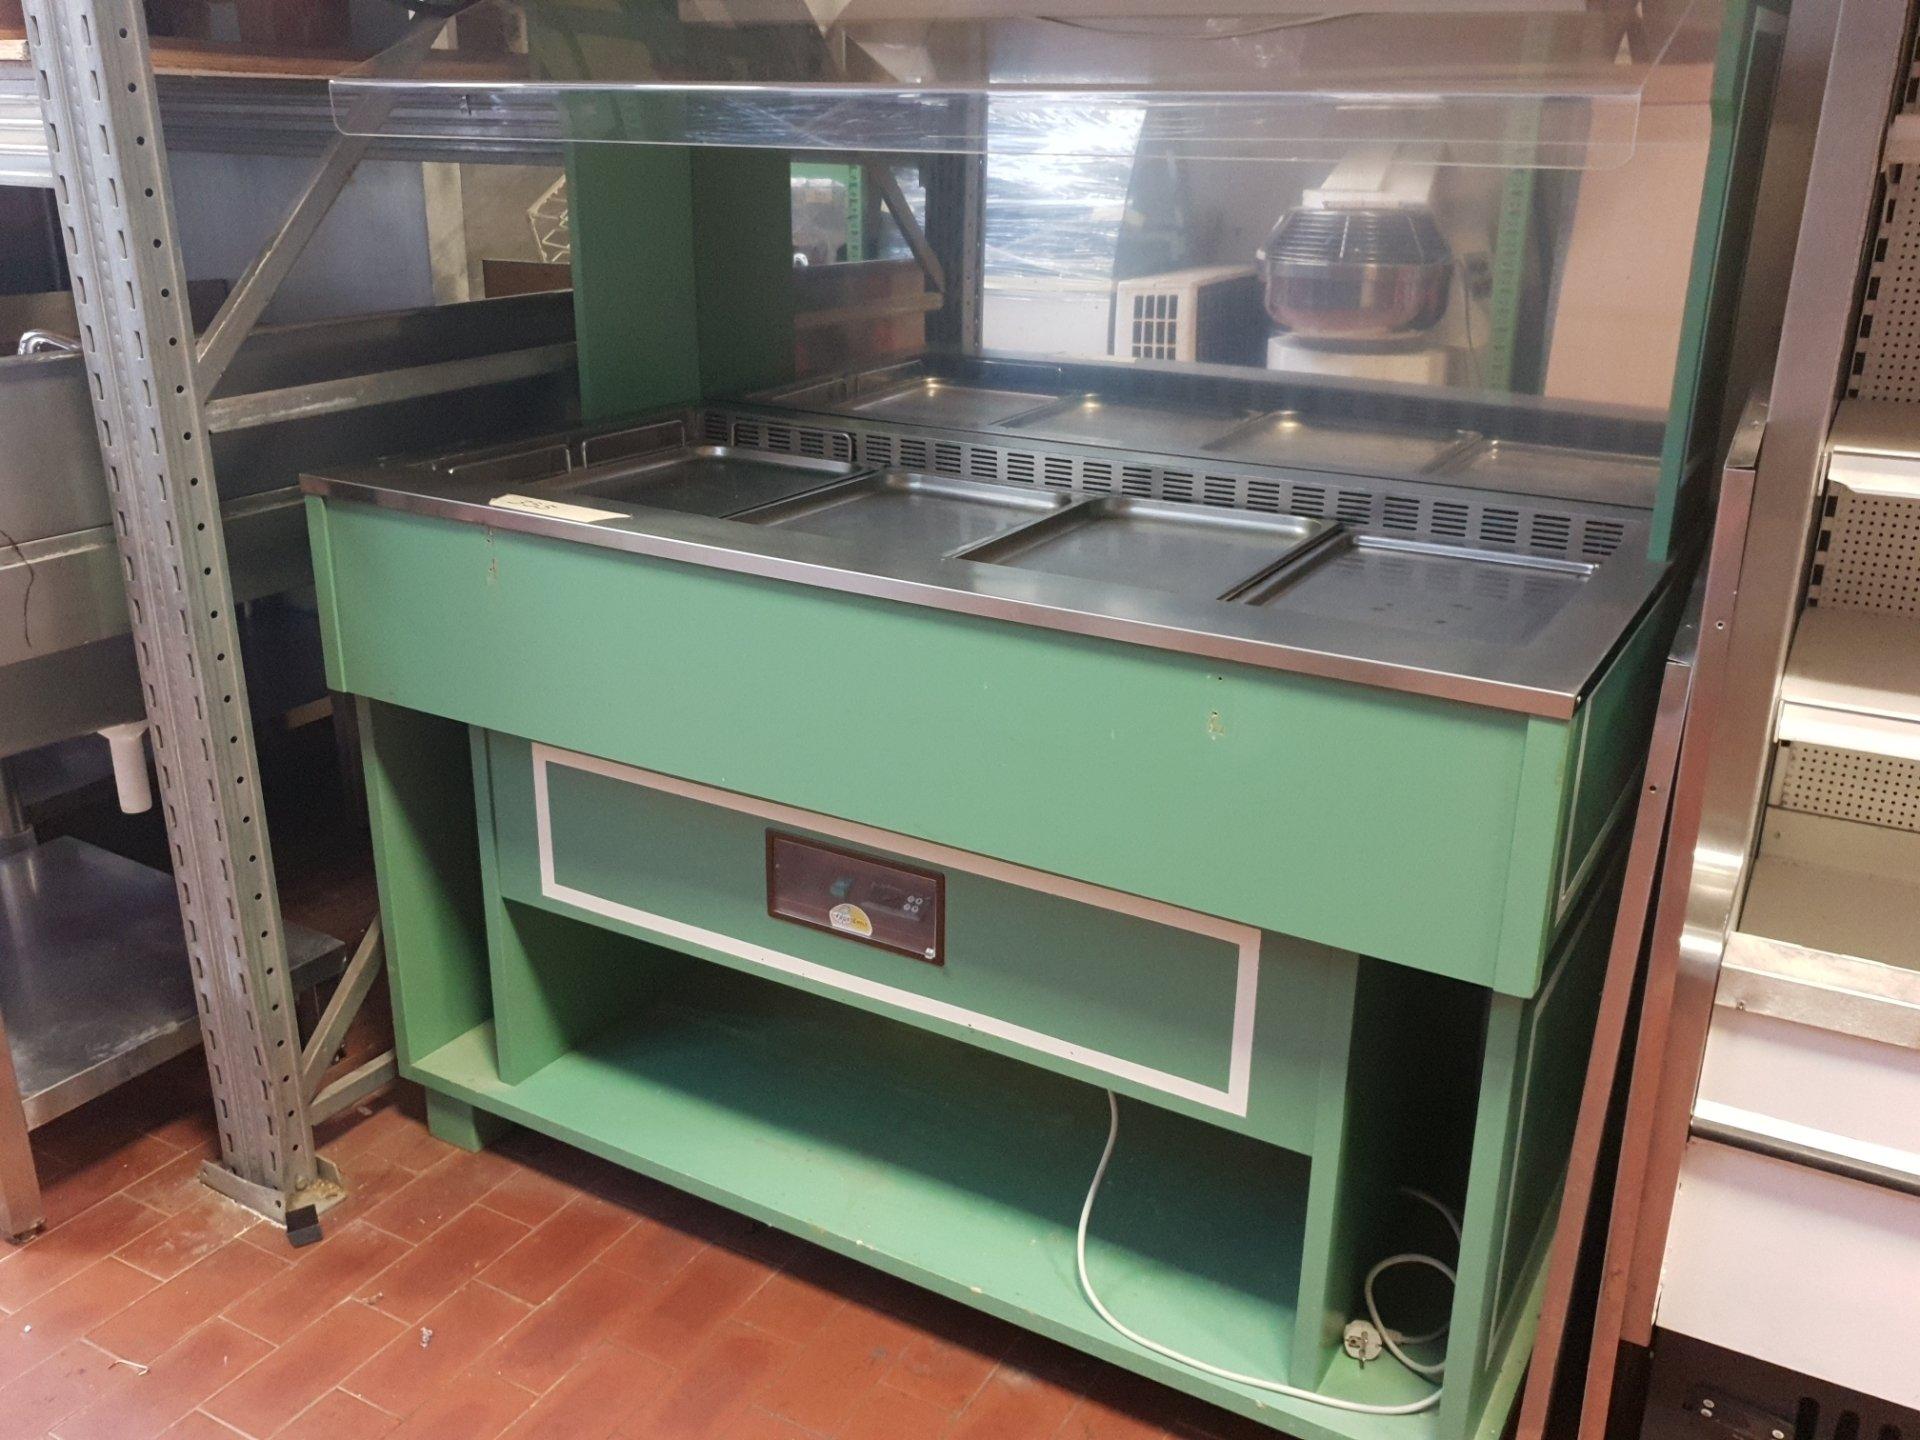 Attrezzatura Da Cucina Professionale Usata | Macchine Da Cucina ...